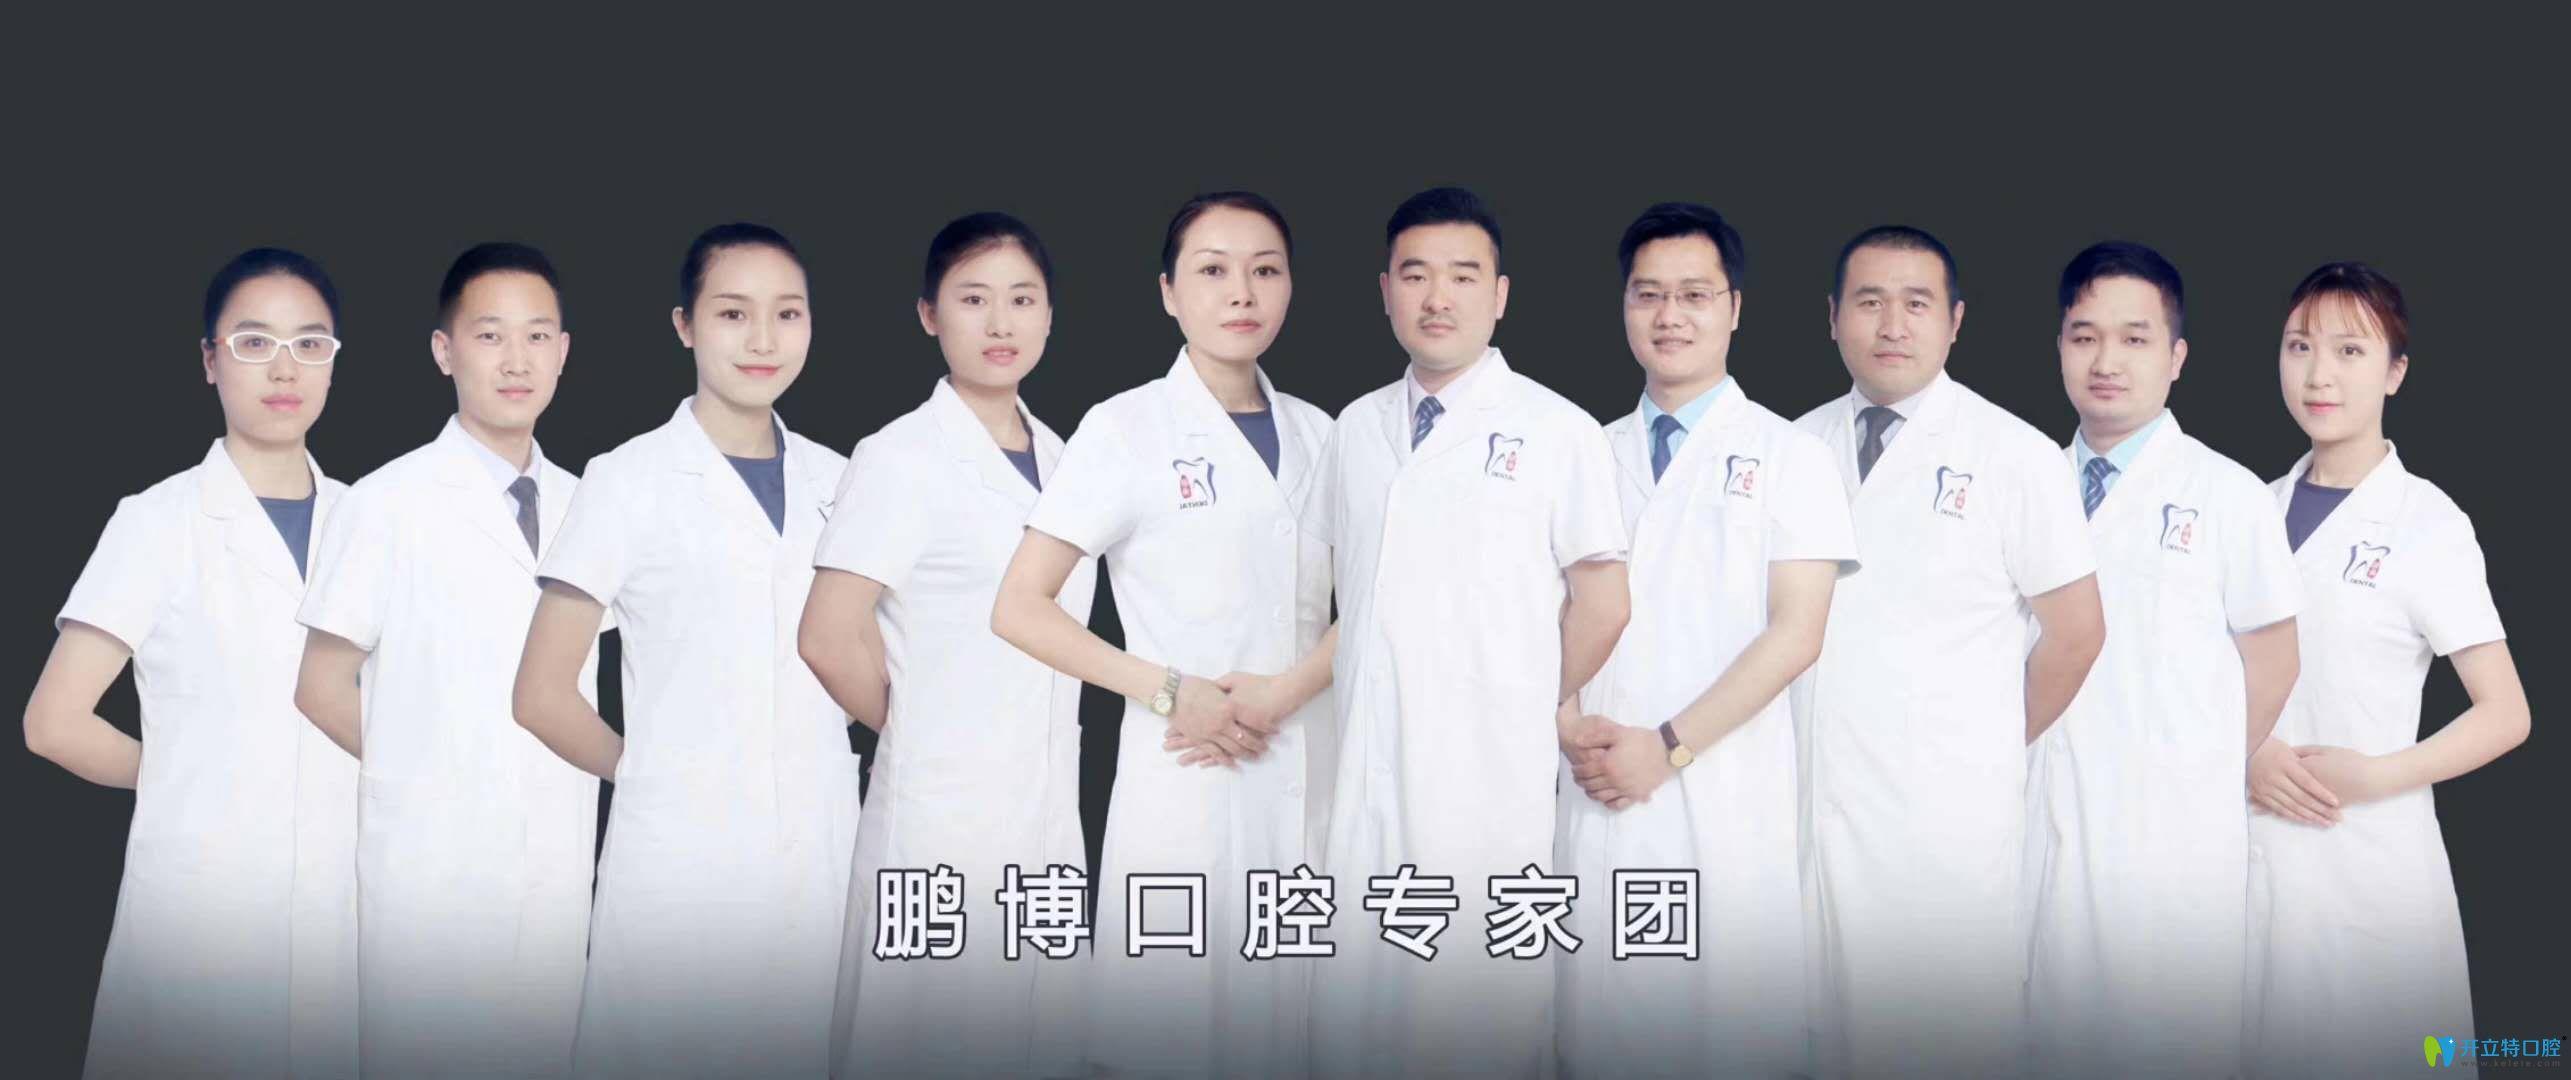 松桃鹏博口腔医生团队